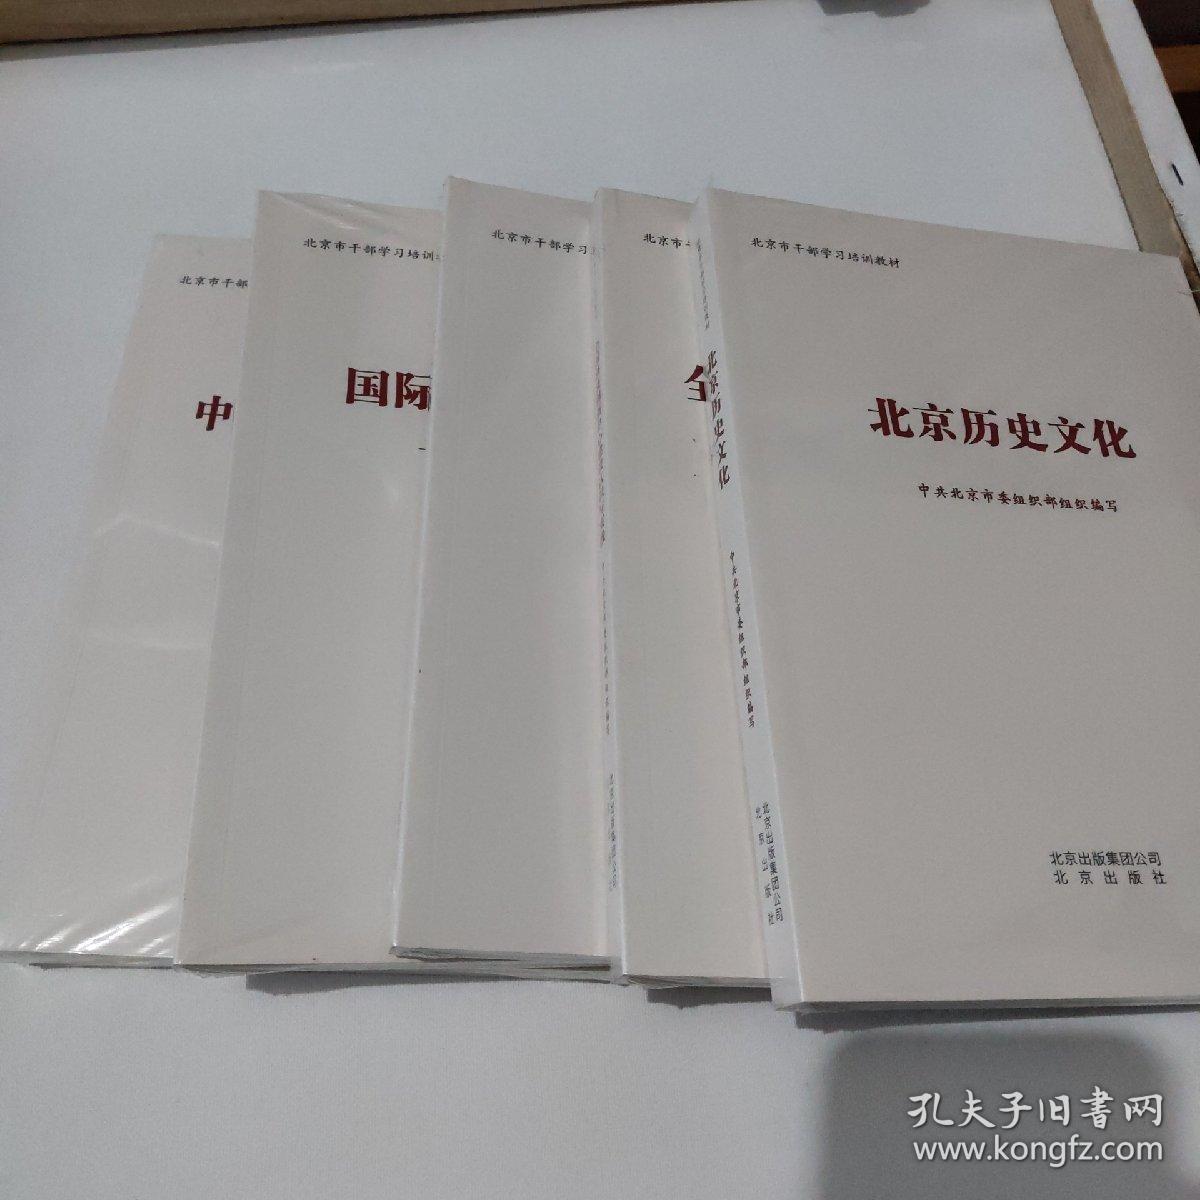 北京市干部学习培训教材(北京历史文化)(全国科技创新中心建设认识与实践。)(北京市情。)(国际交往中心建设与干部素质)(中国共产党北京历史。)五本合售